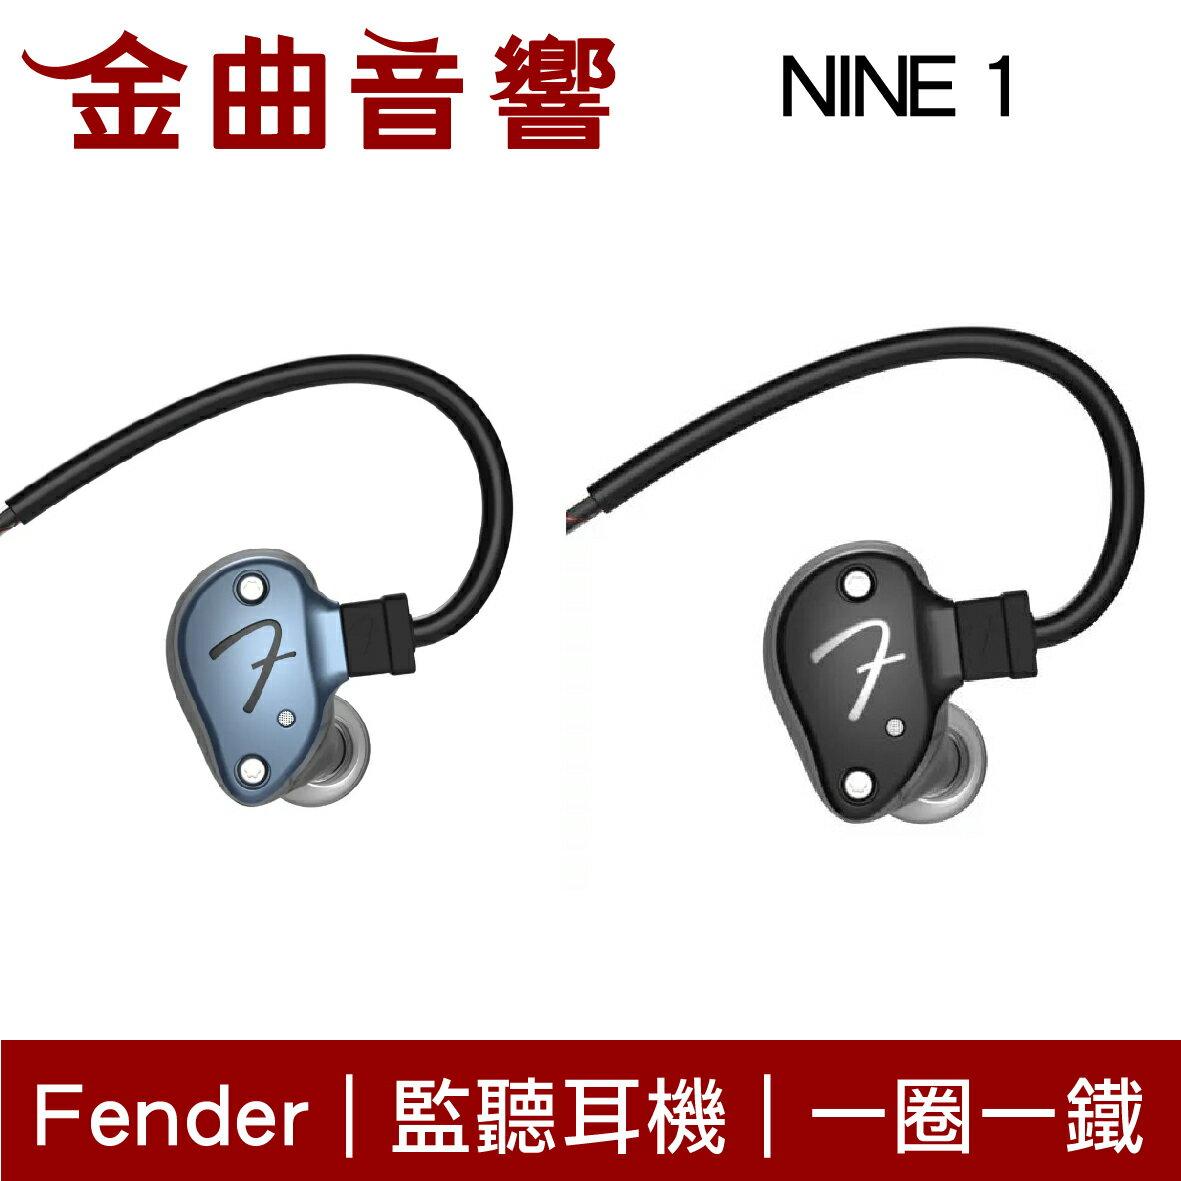 Fender Nine 1 兩色可選 Pro IEM 監聽耳機 Nine1 金曲音響